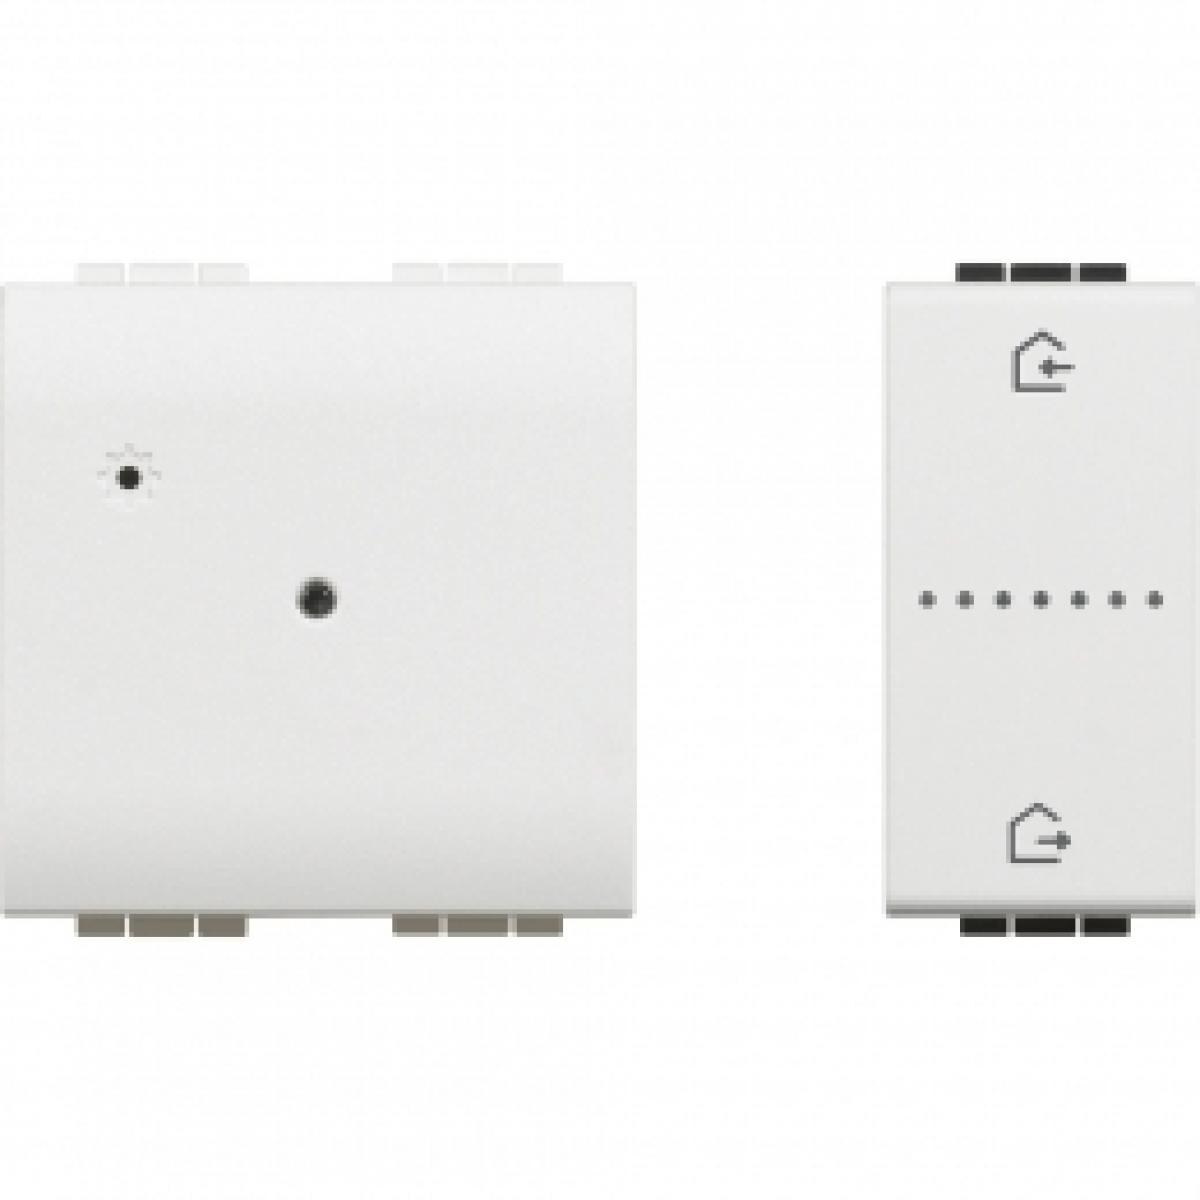 Gateway Bticino N4510C Living Light per creare un installazione connessa della casa